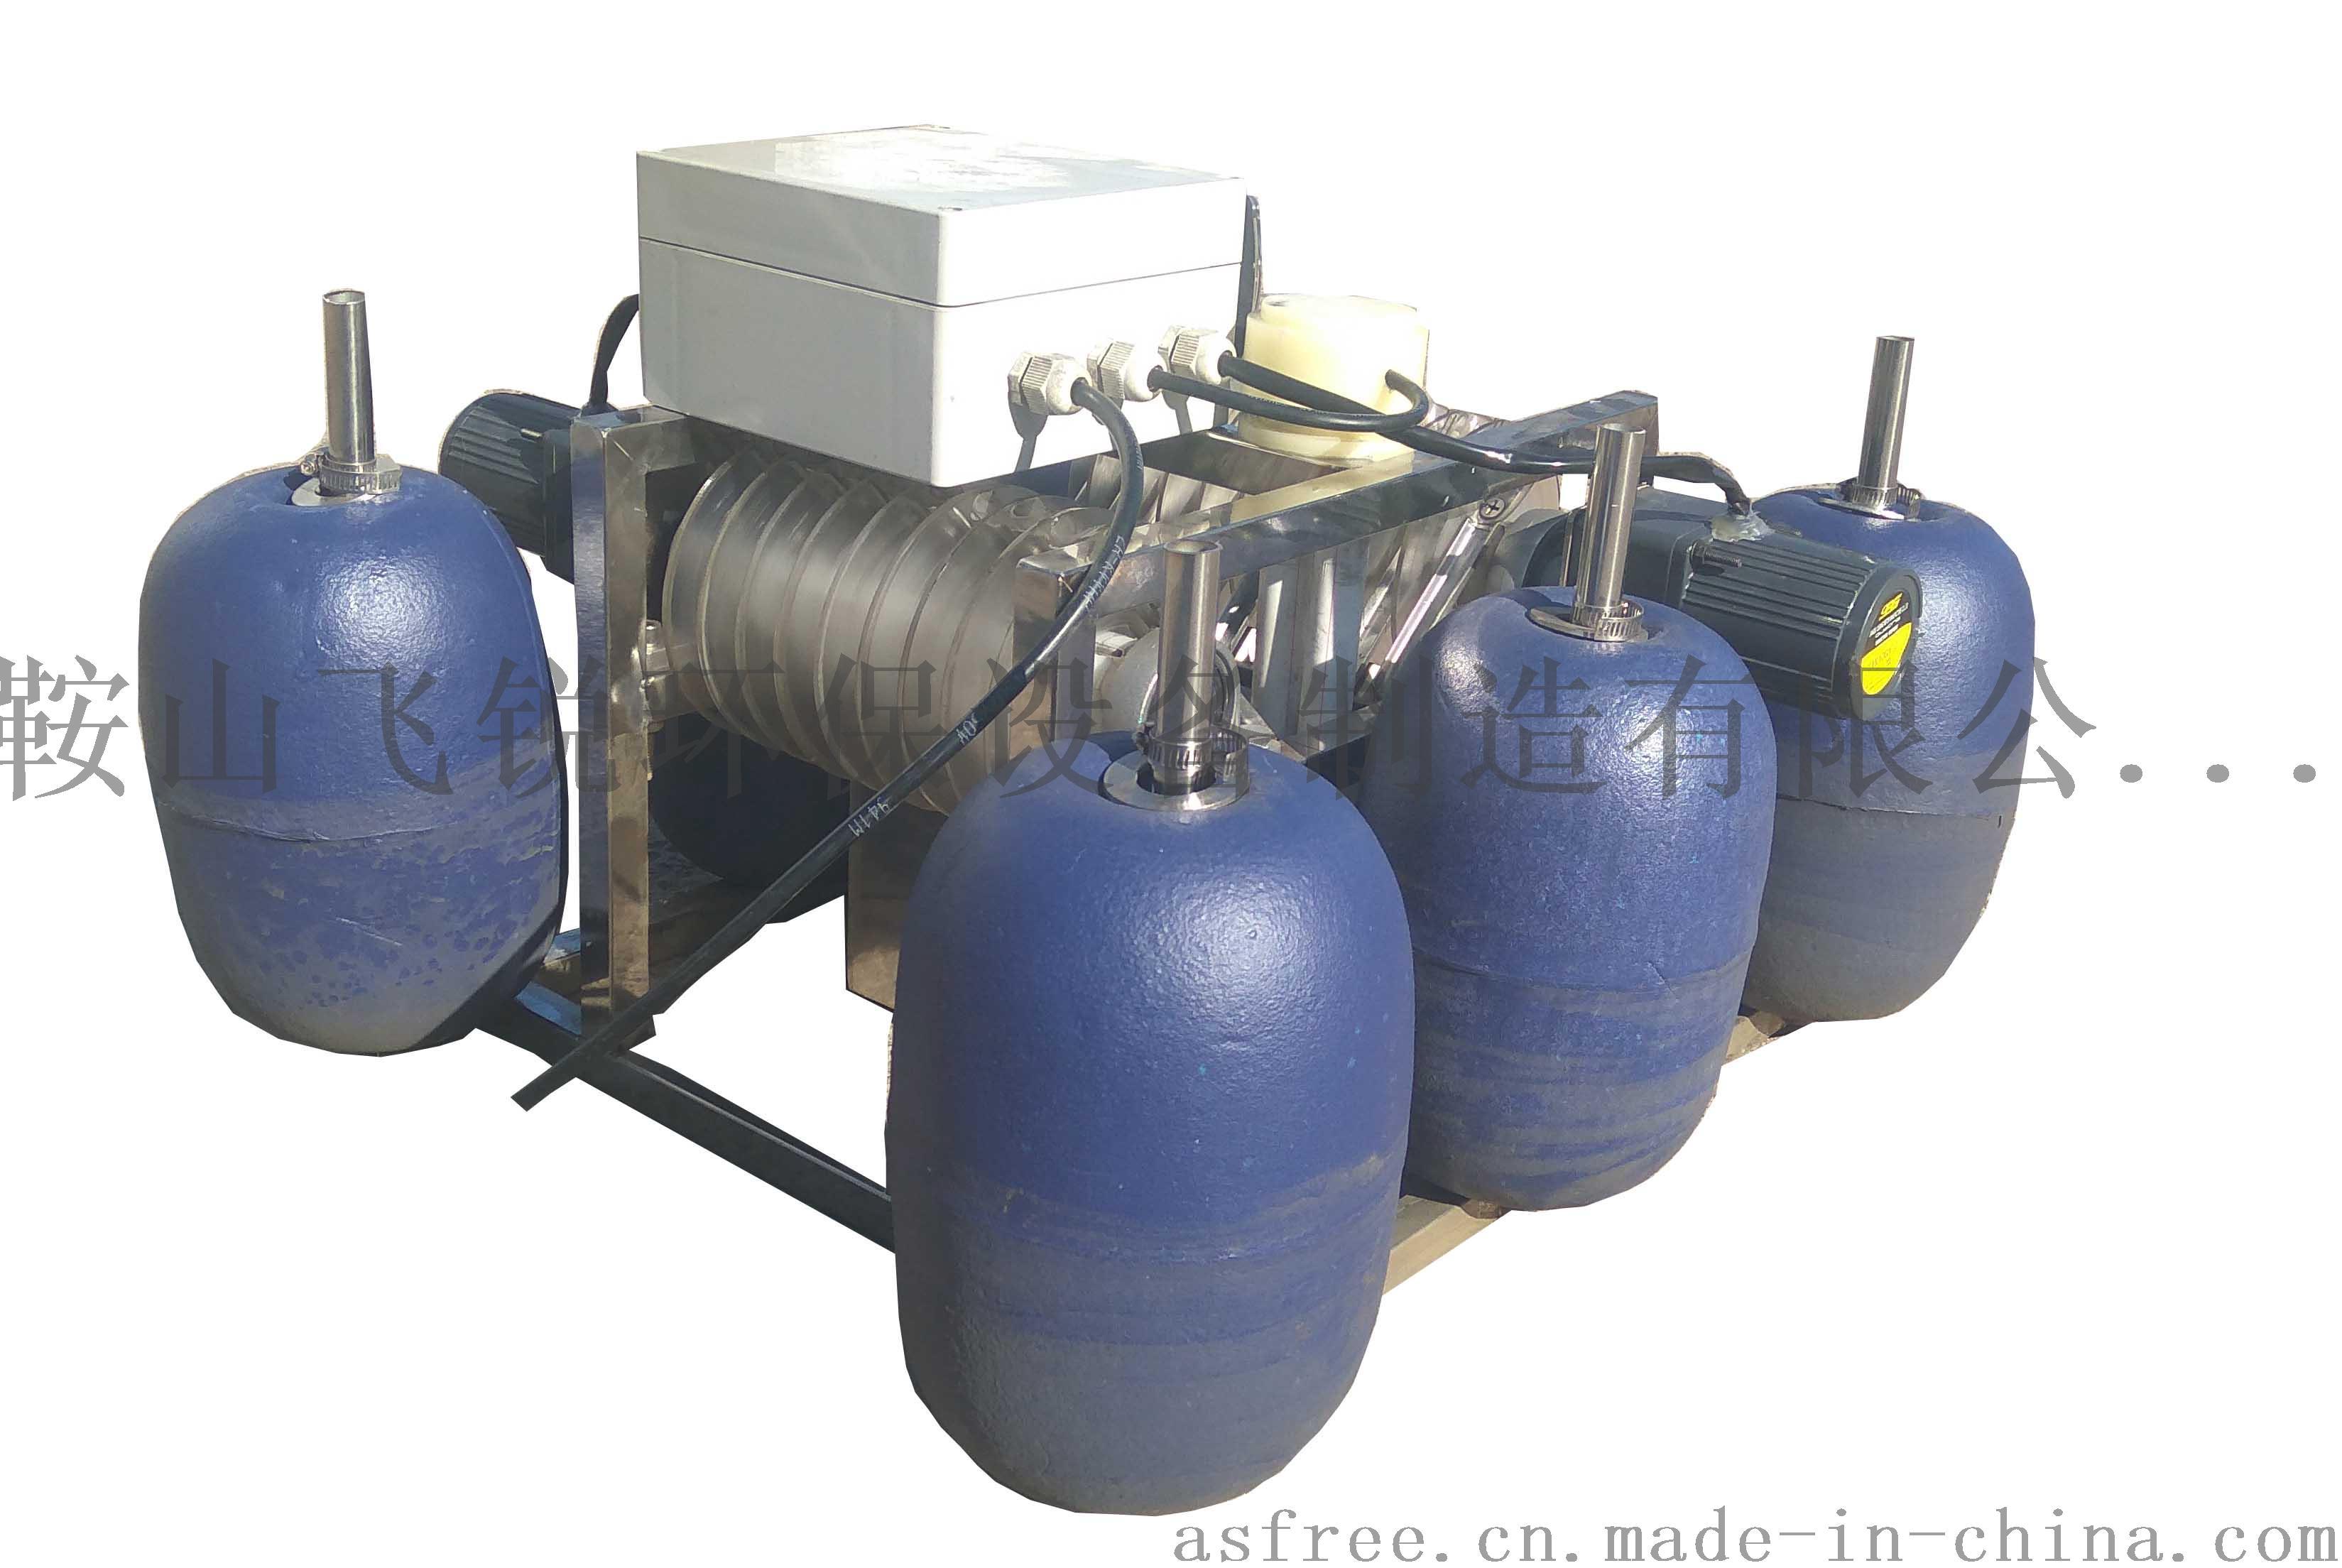 轉盤收油器--樣機1.jpg